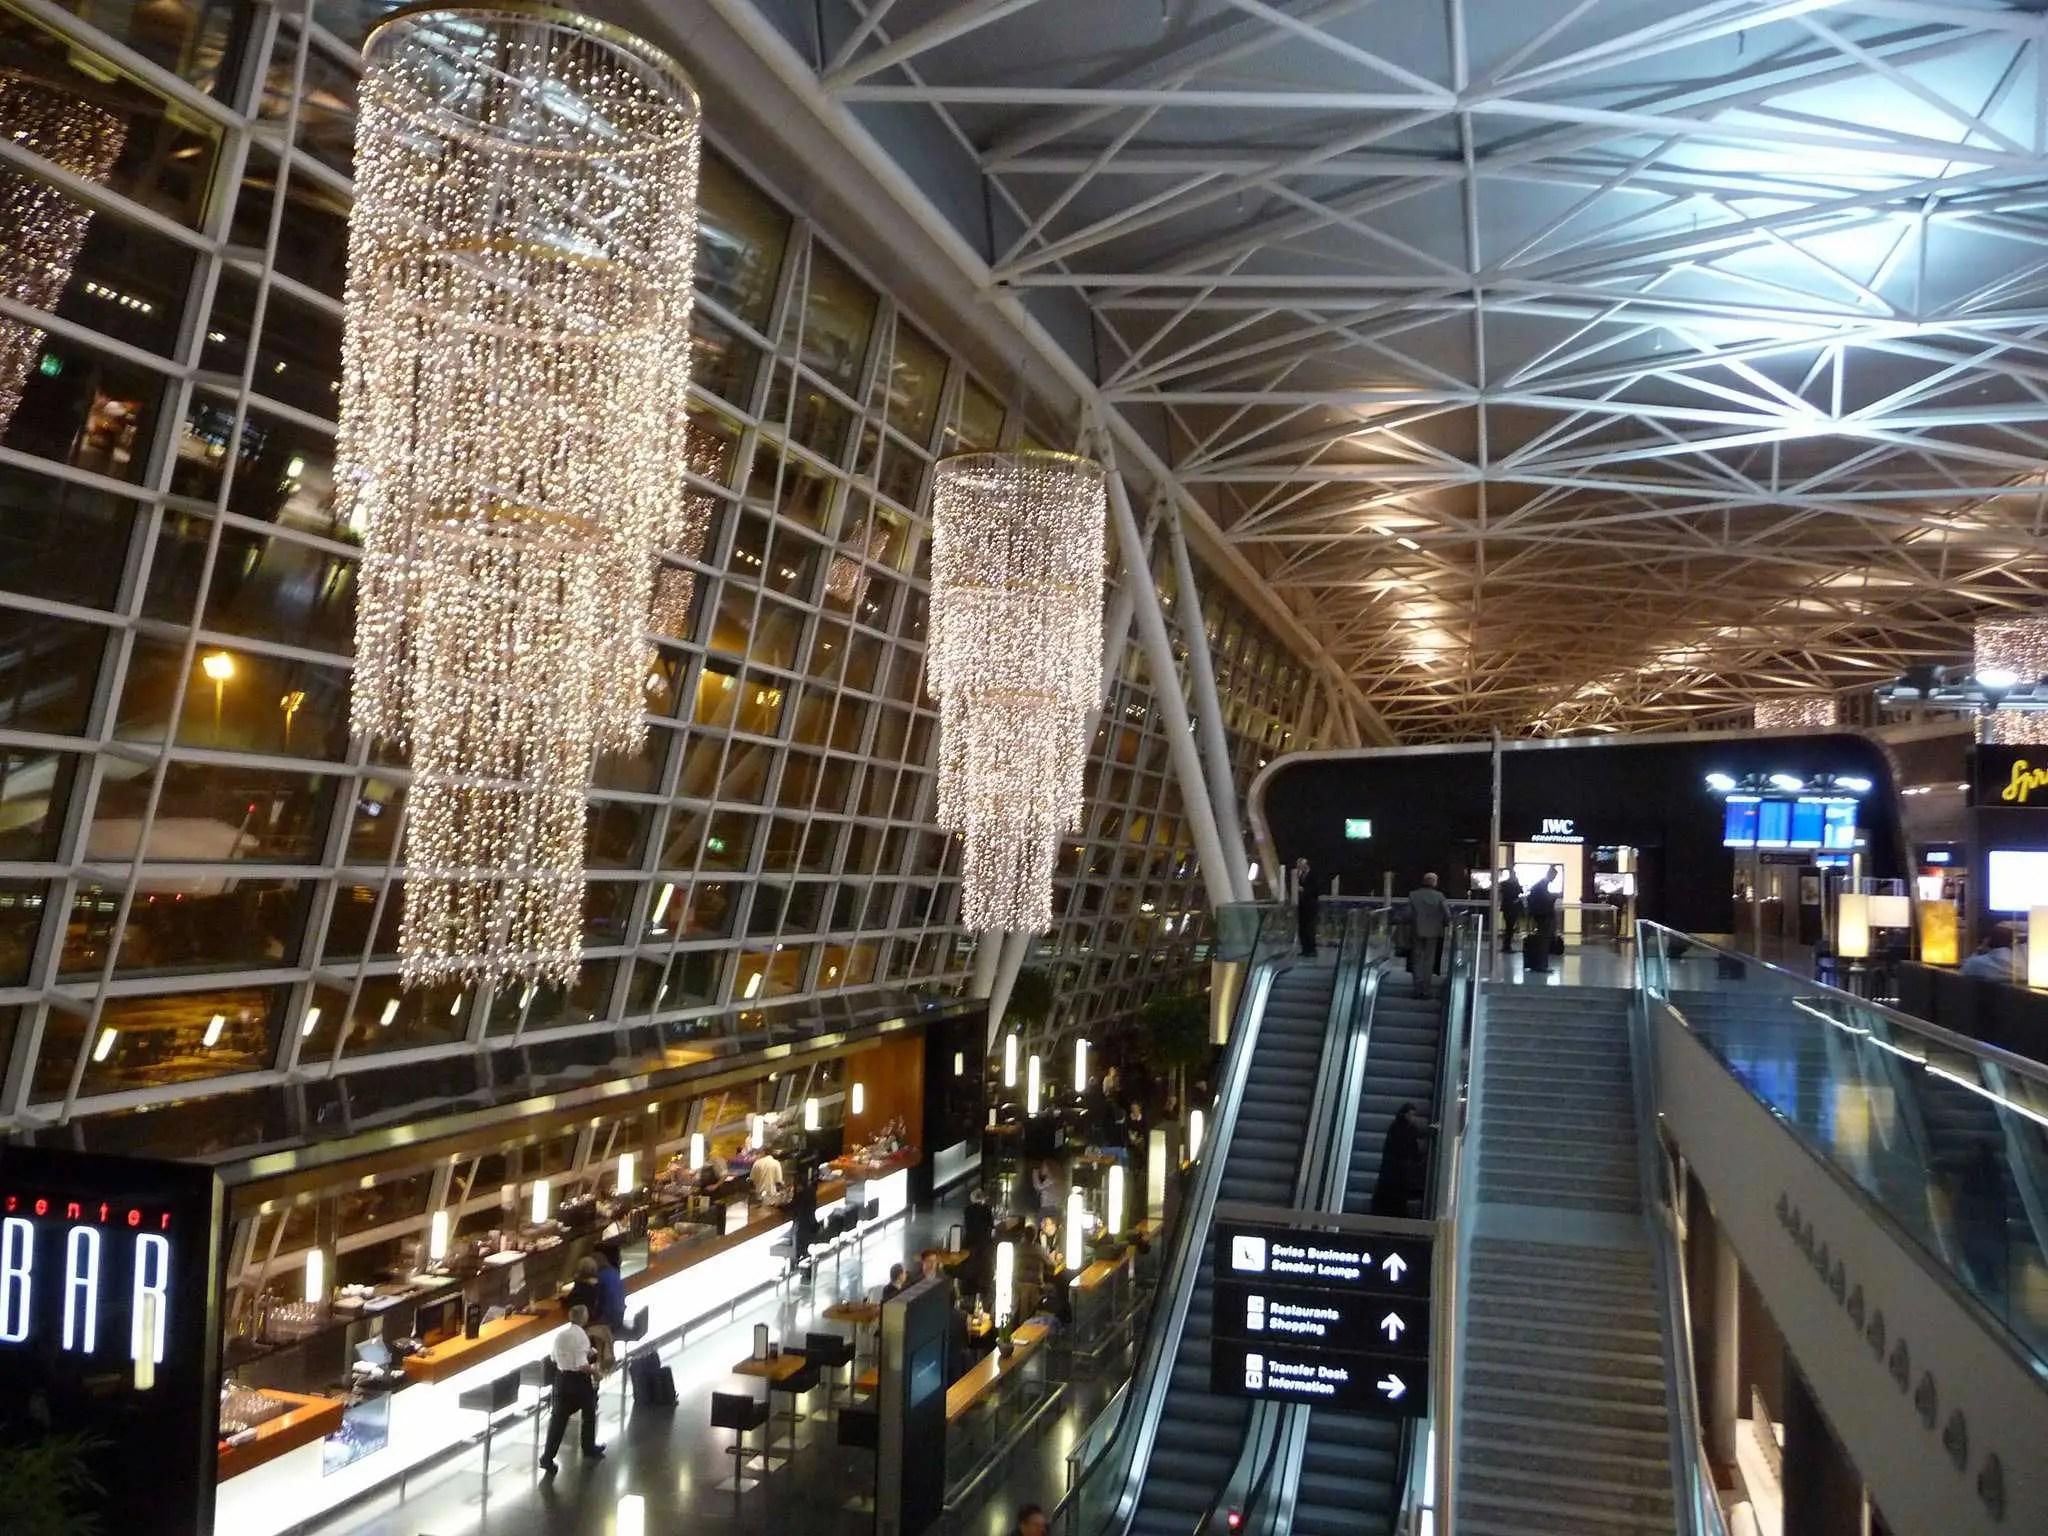 6. Zurich Airport (ZRH)